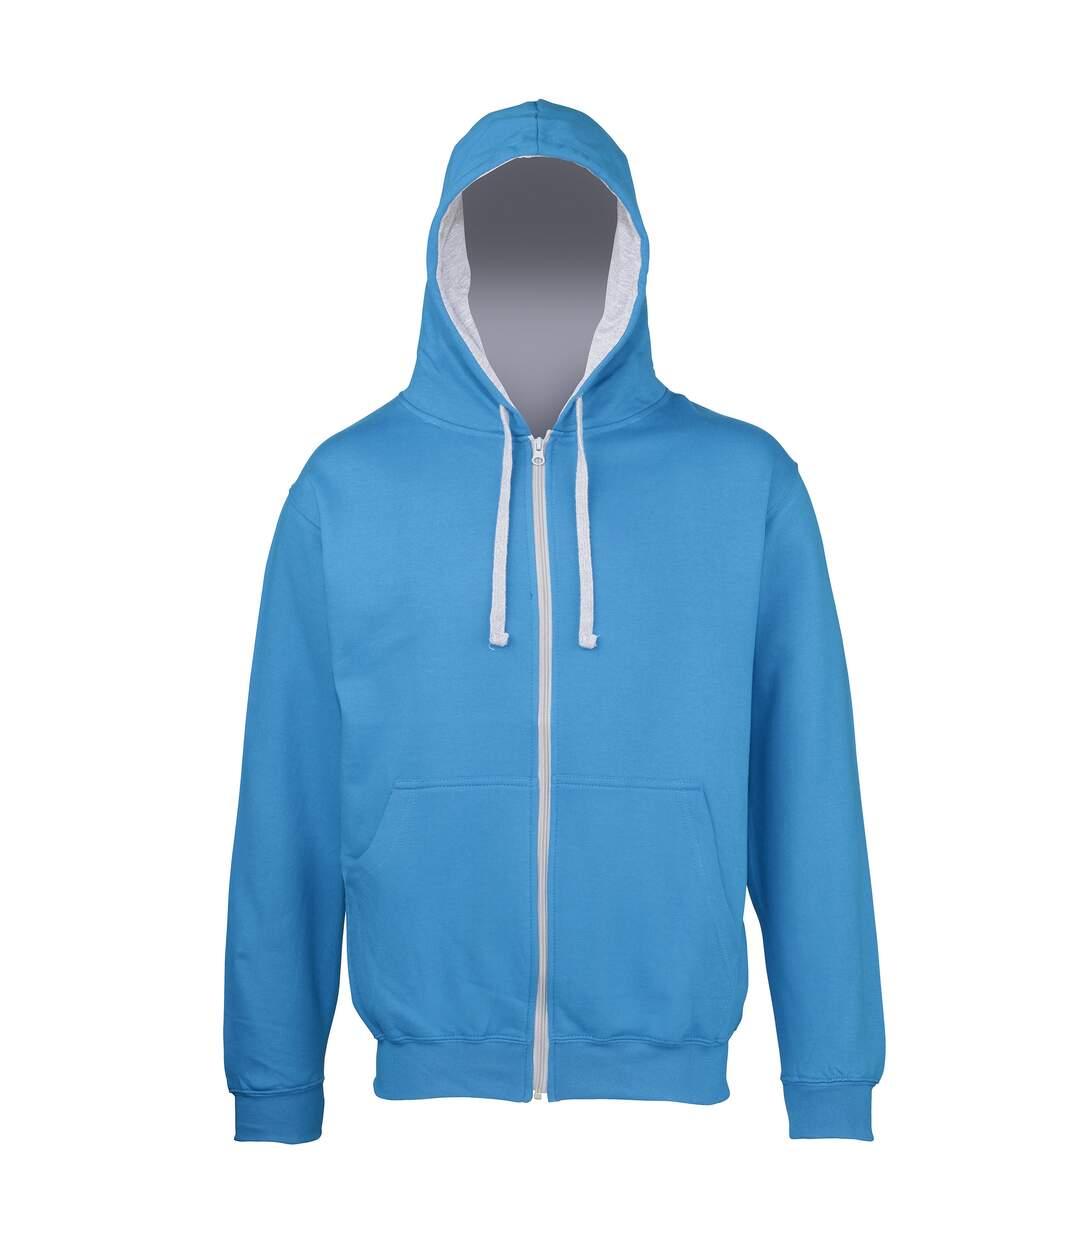 Awdis Mens Varsity Hooded Sweatshirt / Hoodie / Zoodie (Jet Black/Heather Grey) - UTRW182